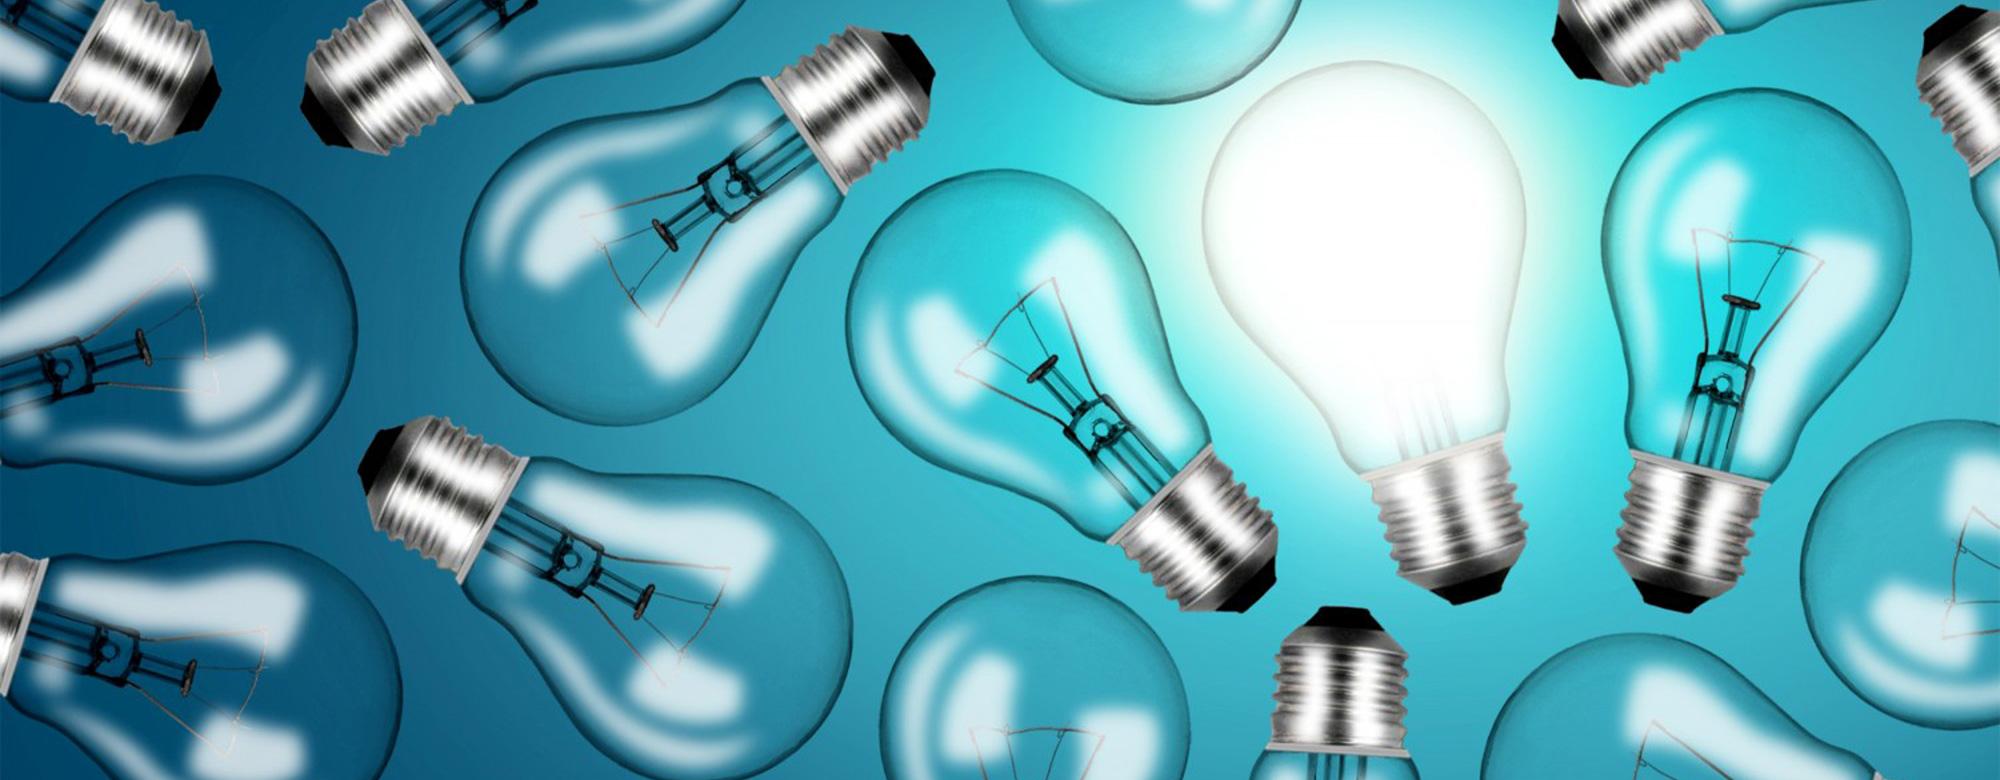 Legge di bilancio 2020 - Nuovo credito d'imposta per investimenti in R&S e innovazione tecnologica